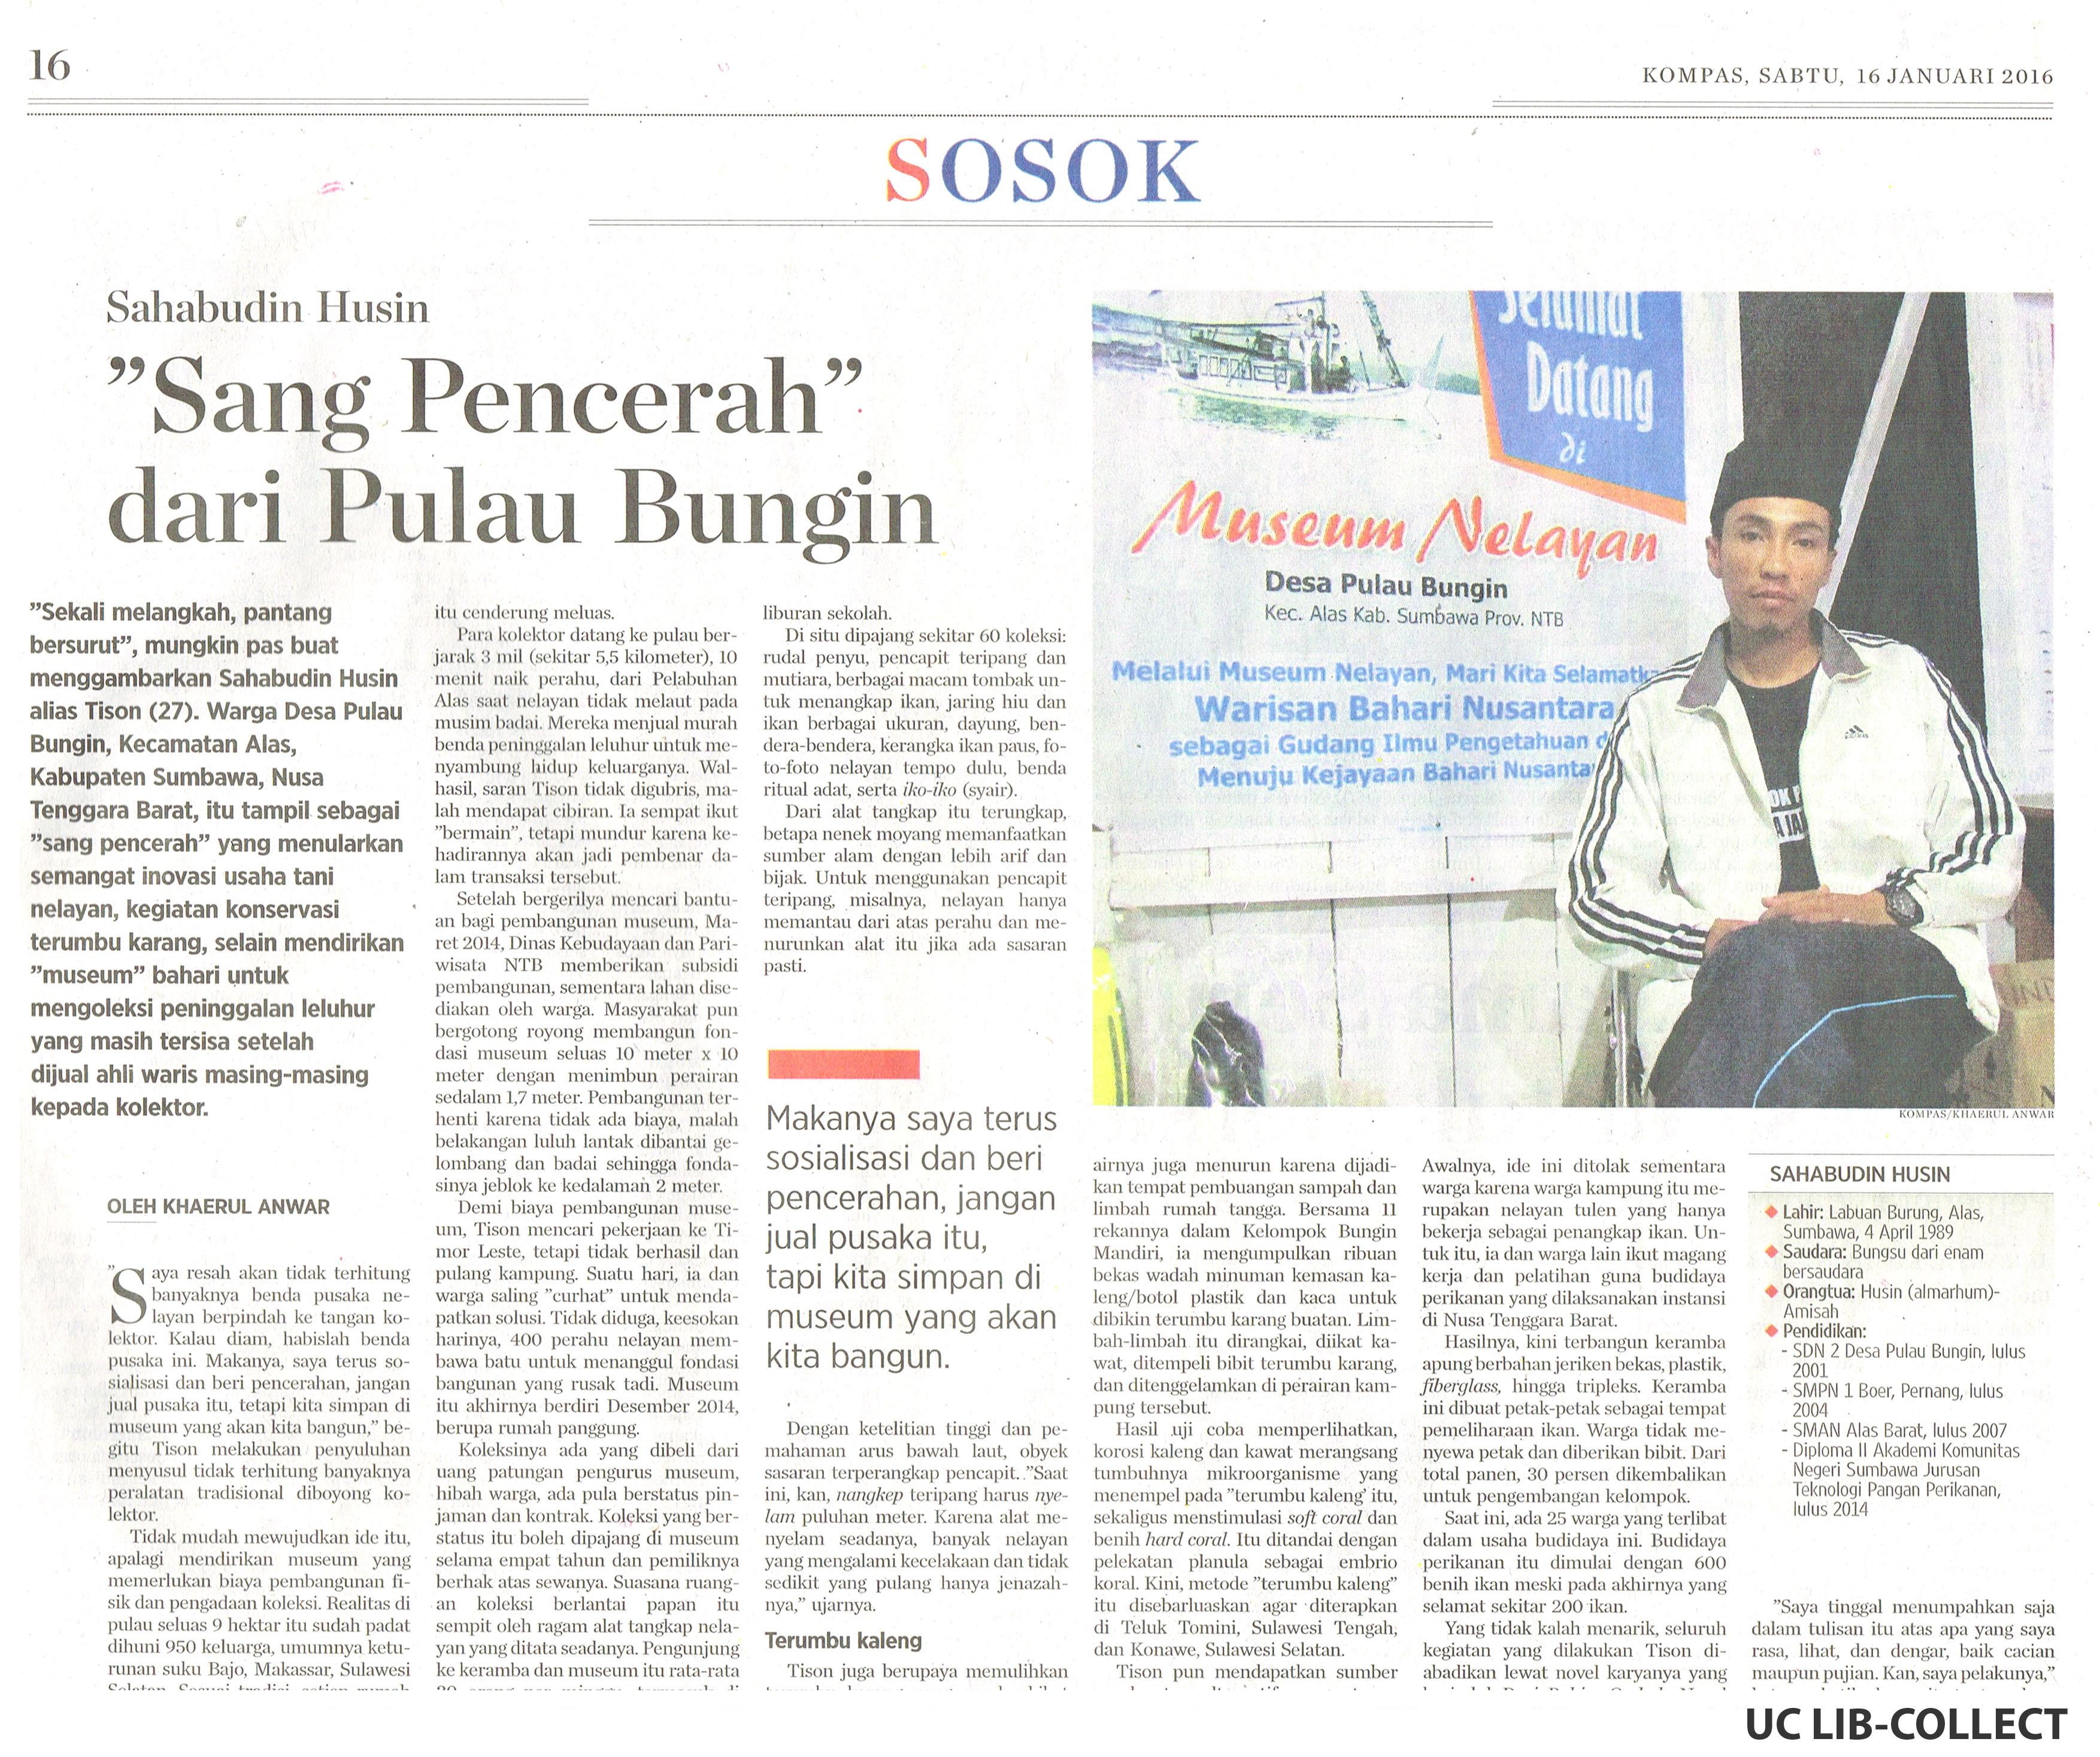 Sahabudin Husin Sang Pencerah dari Pulau Bungin. Kompas. 16 Januari 2016. Hal 16